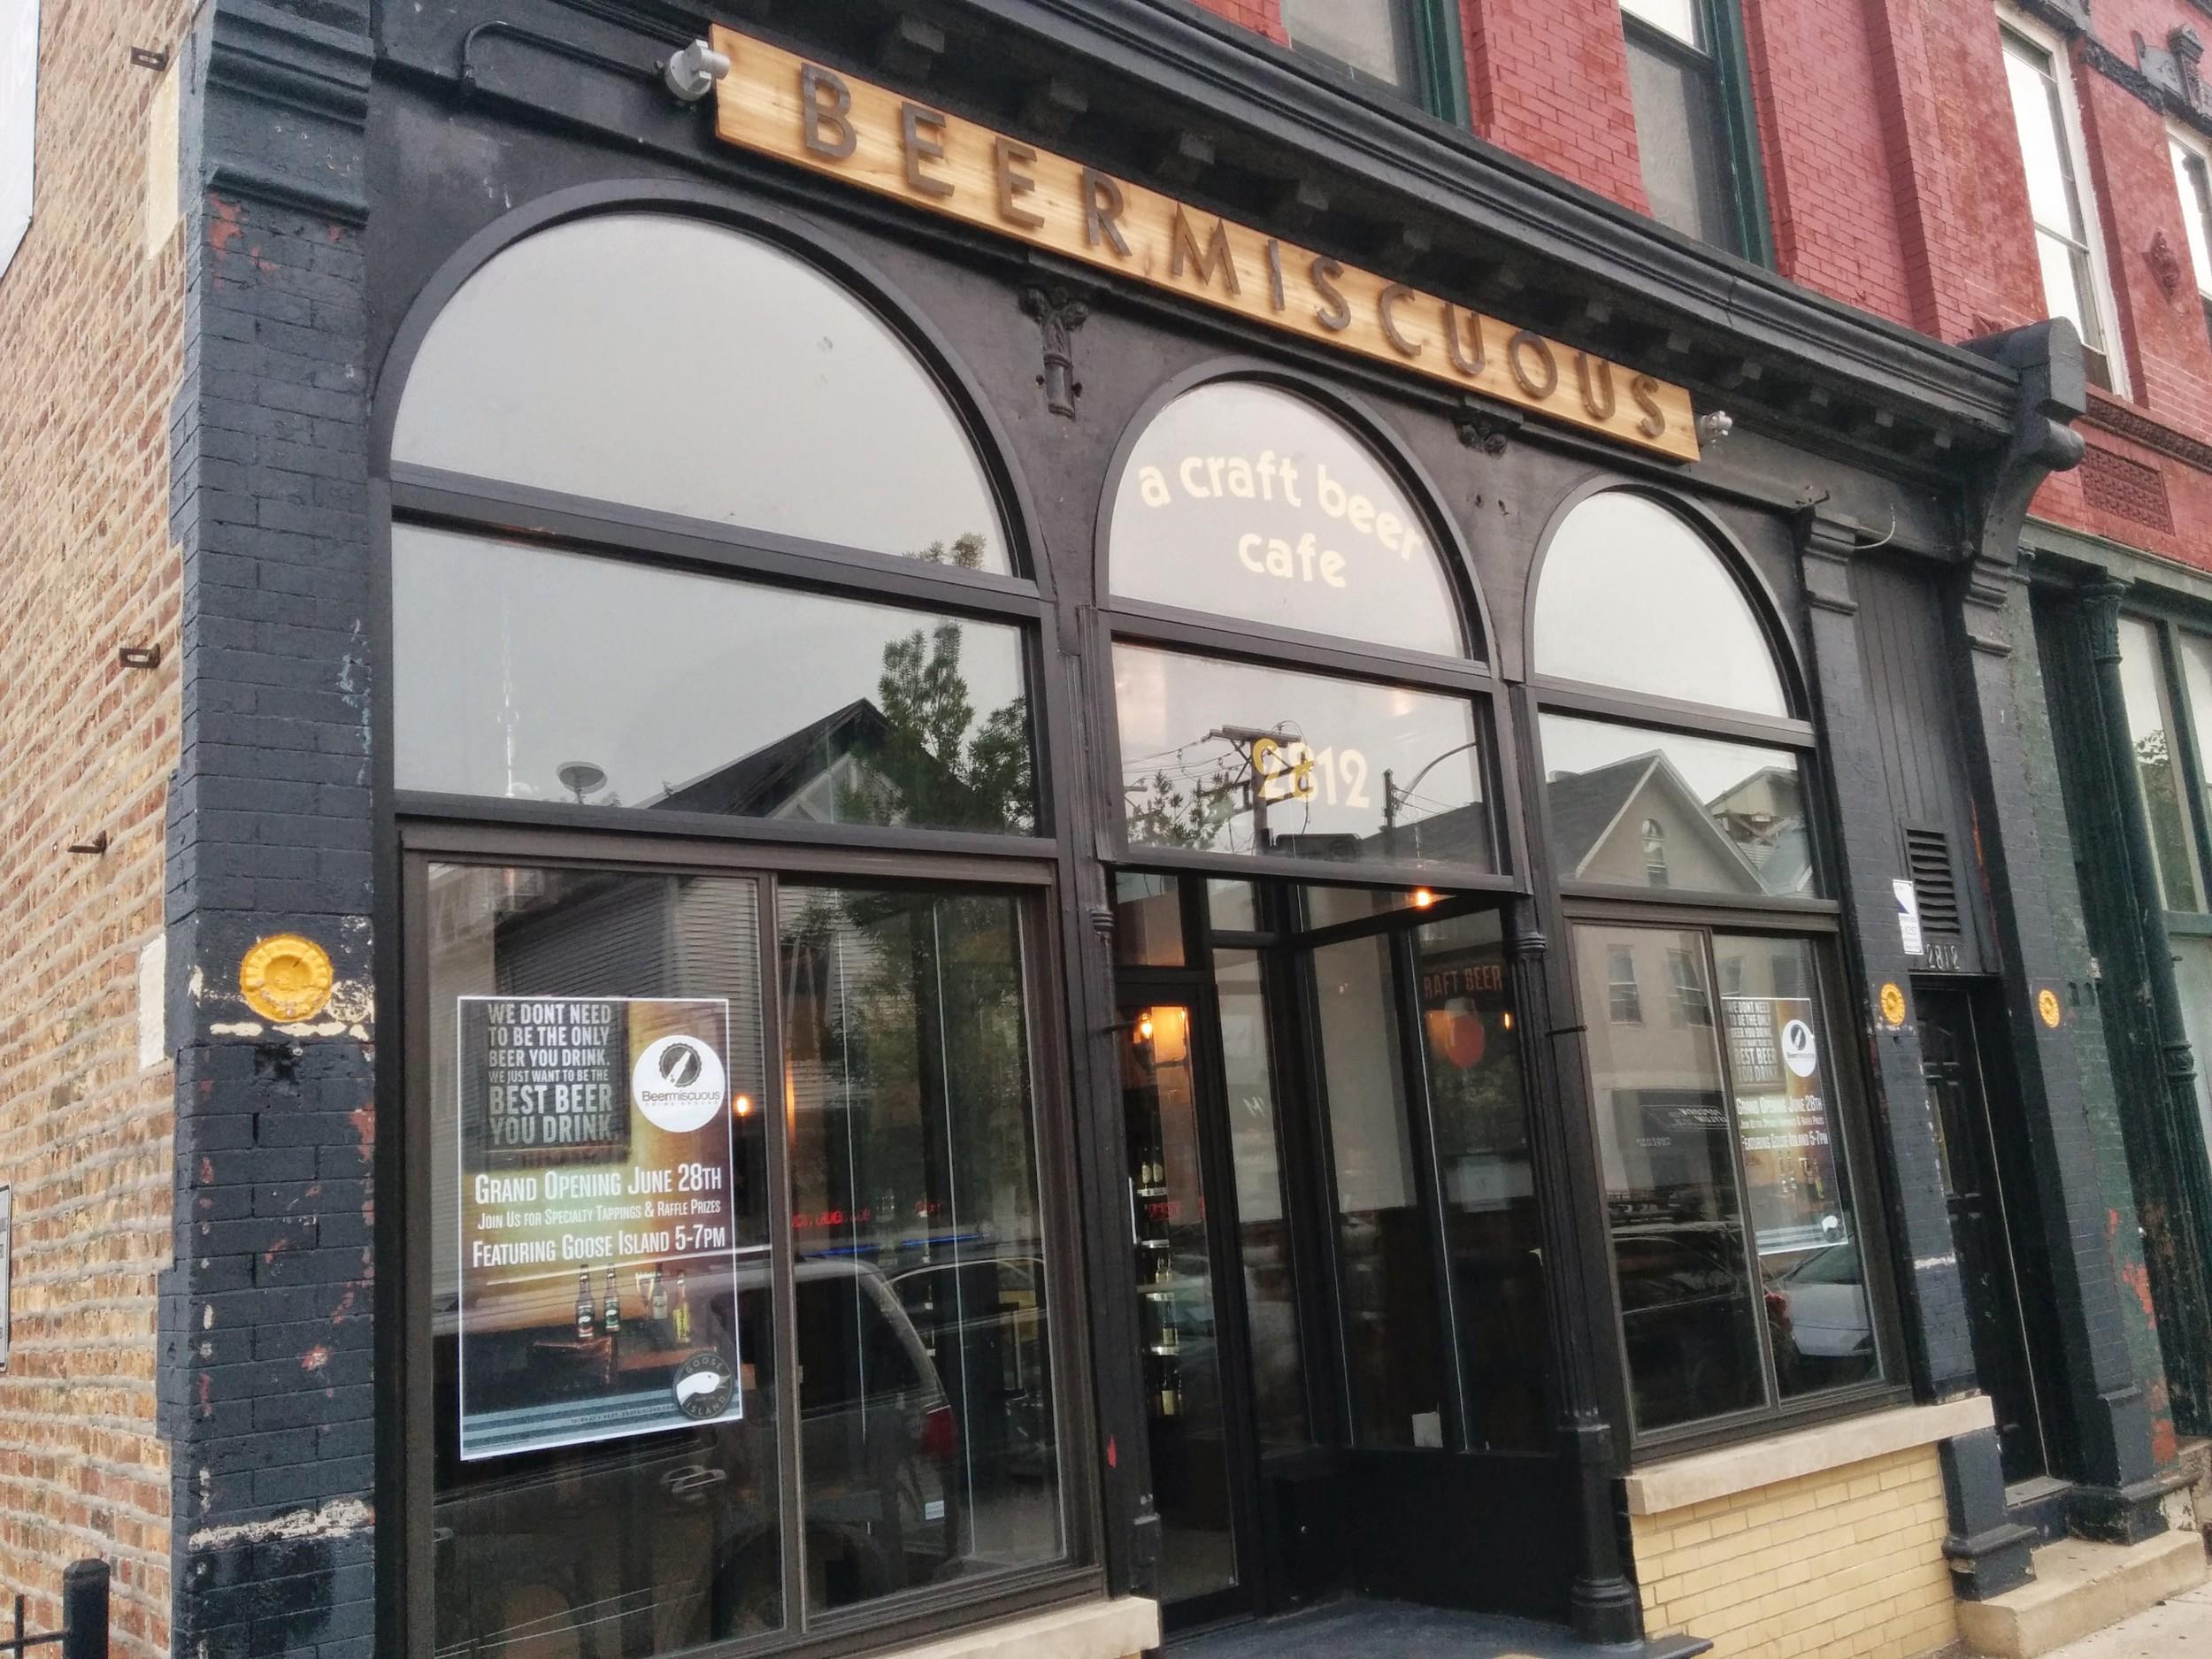 Hoplinks – Café? Bar? Beermiscuous!